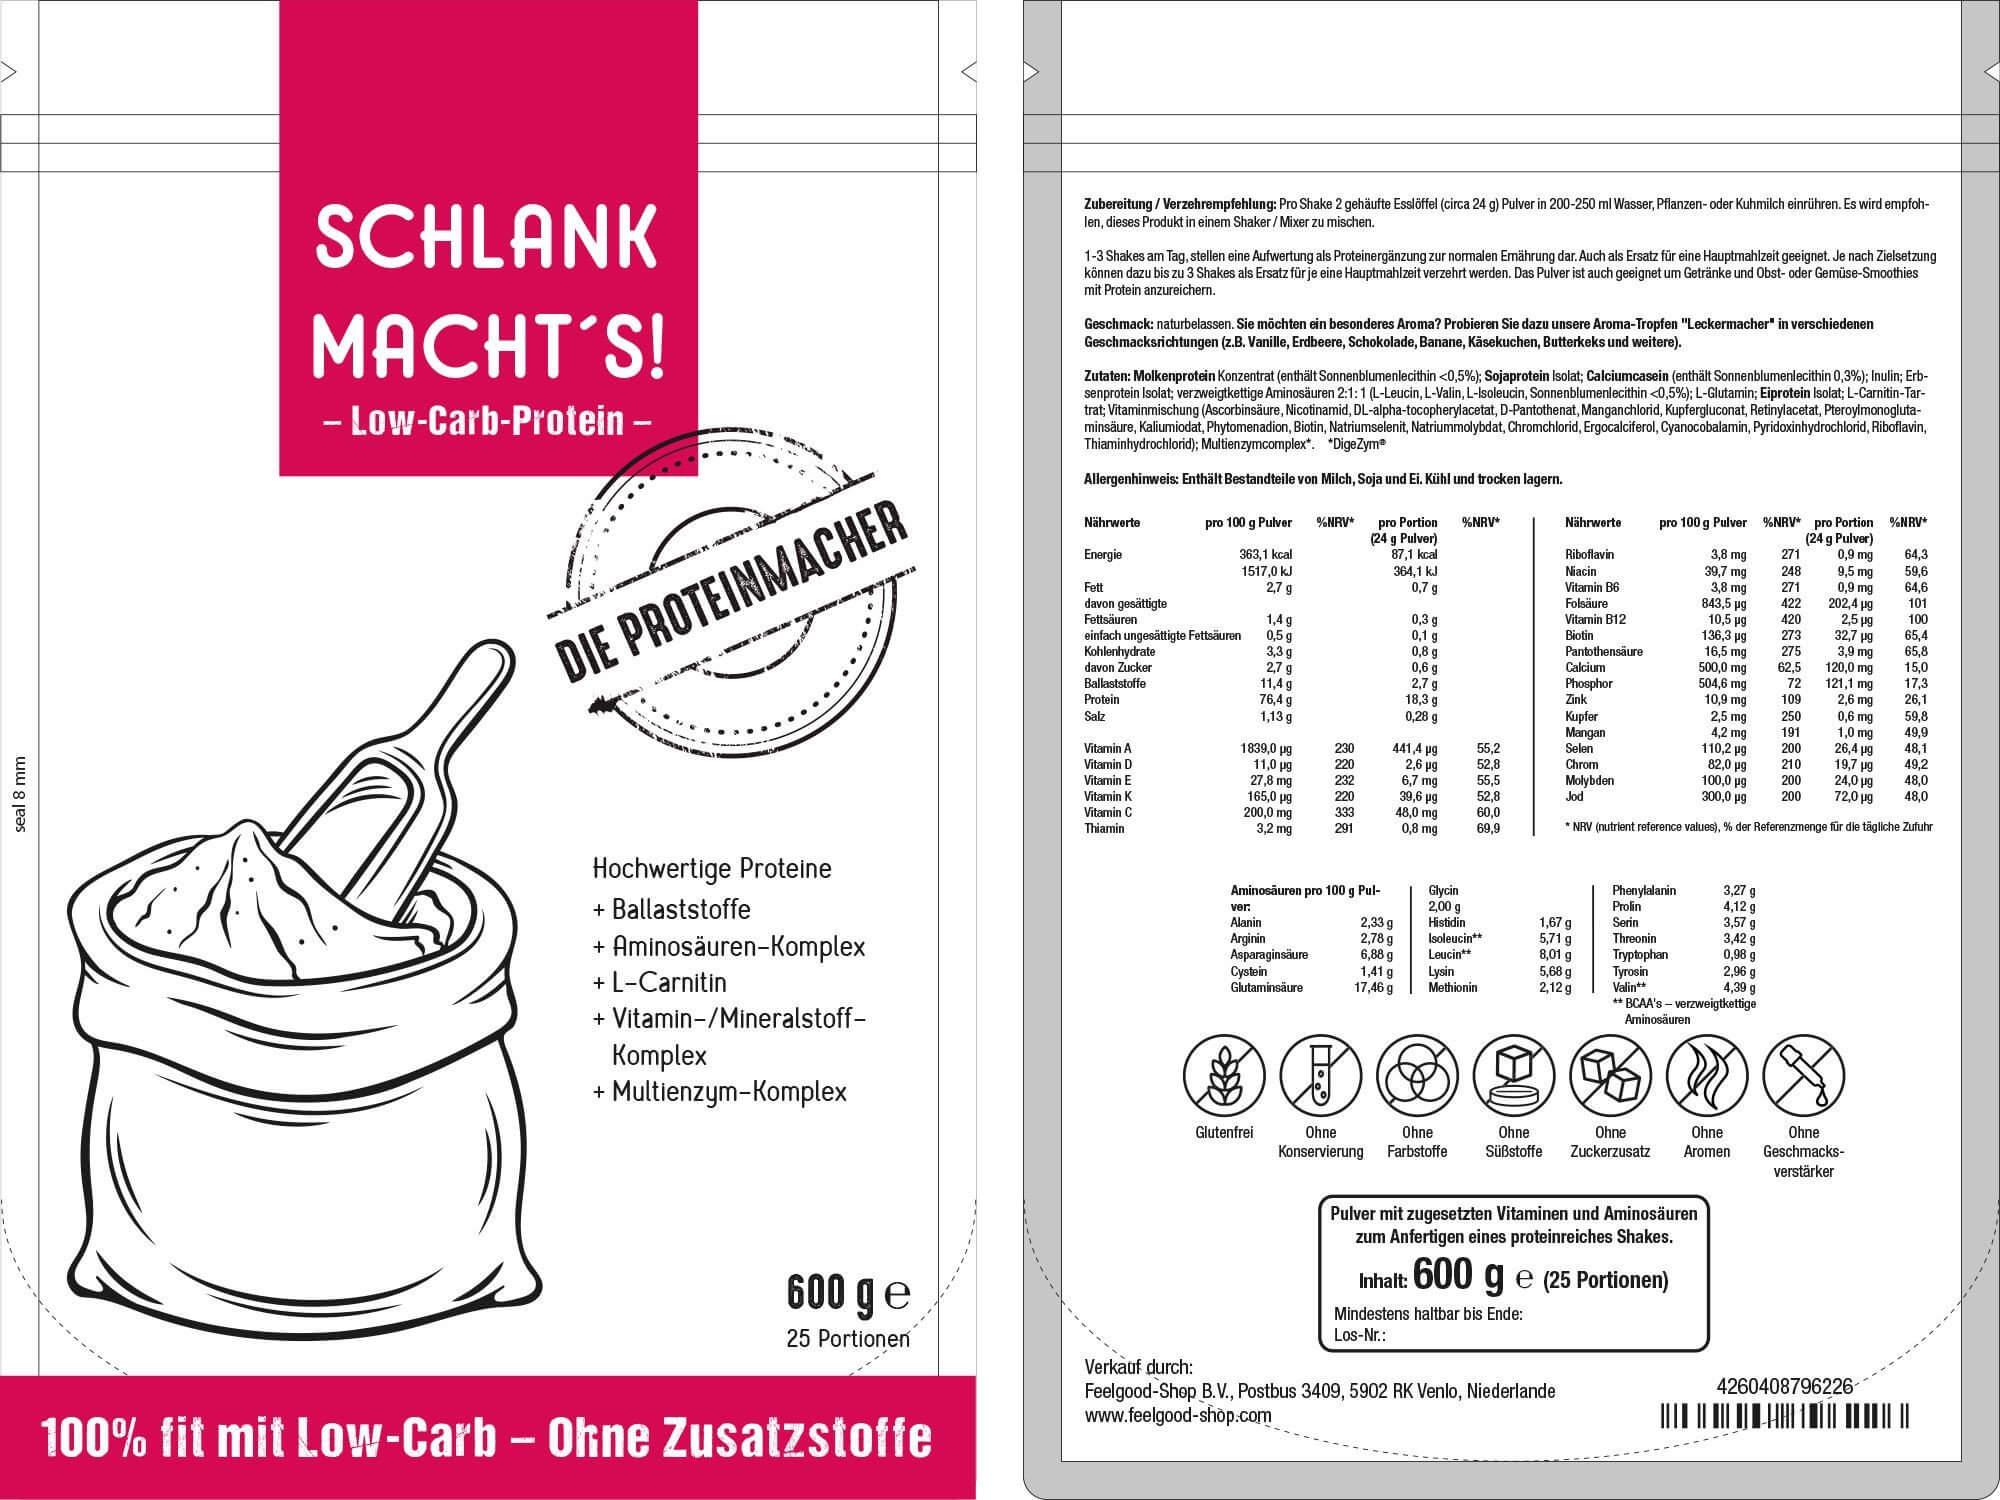 SCHLANK MACHT'S - Low-Carb Proteinpulver